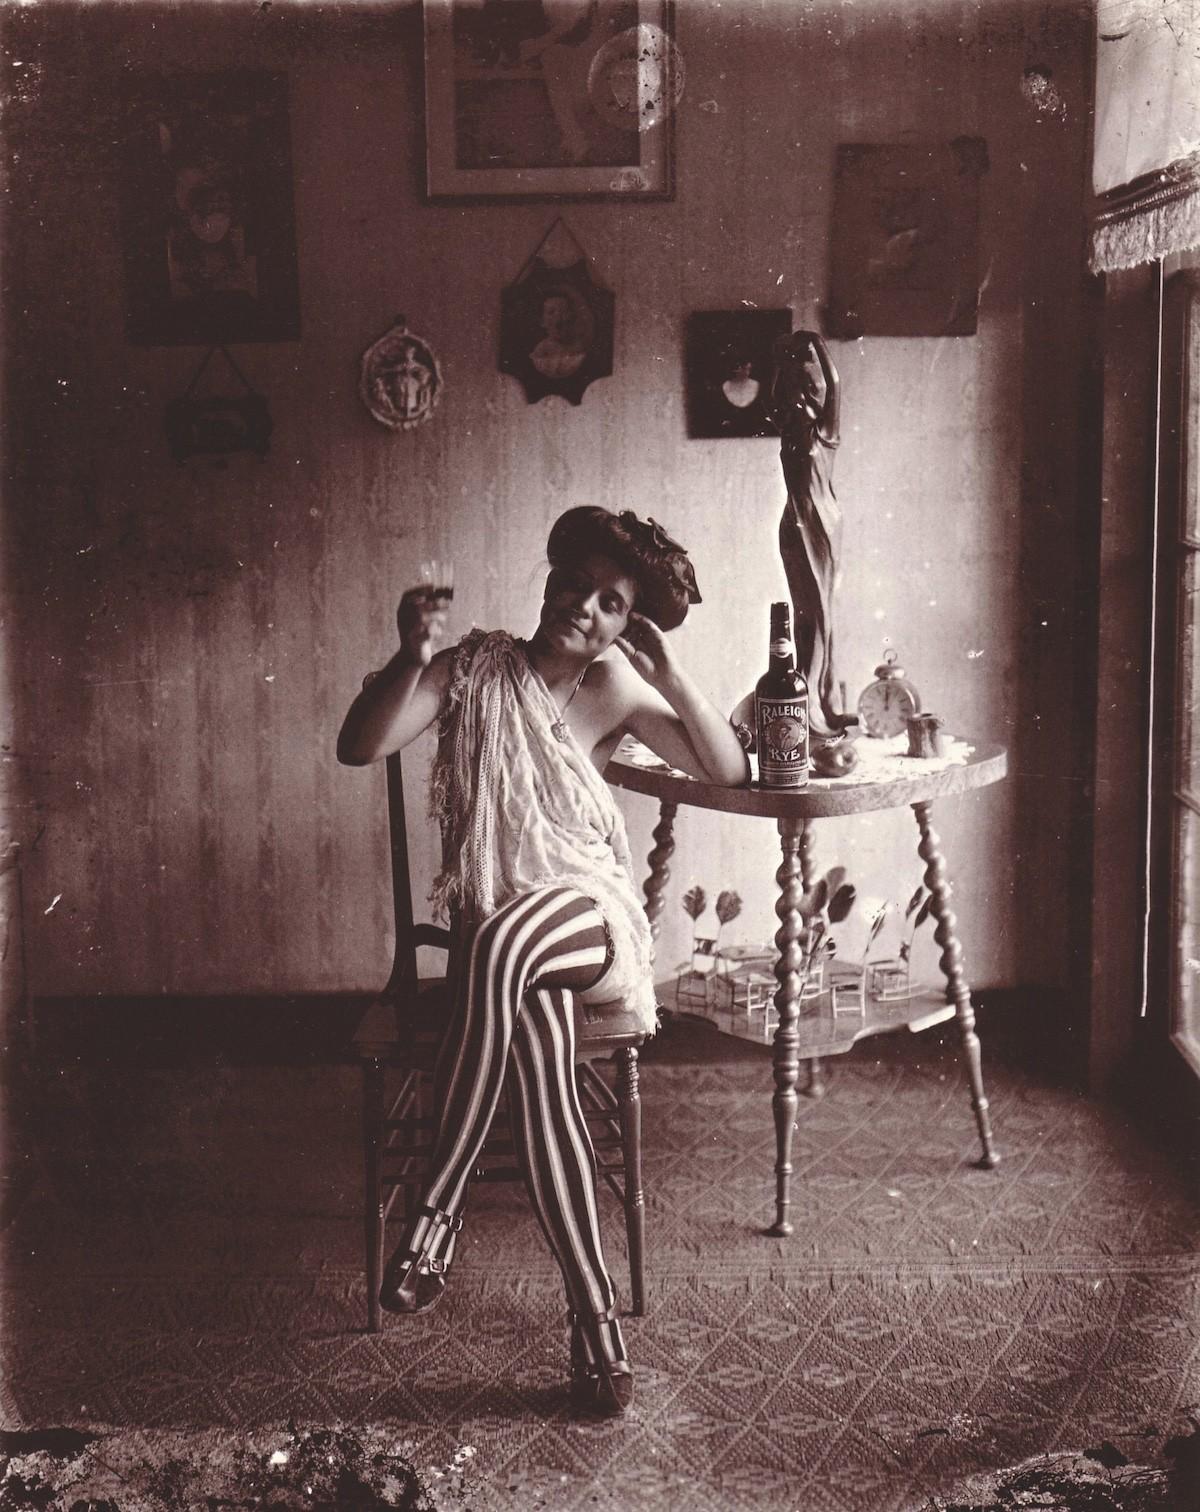 Asesino de prostitutas pelicula prostitutas baratas en madrid